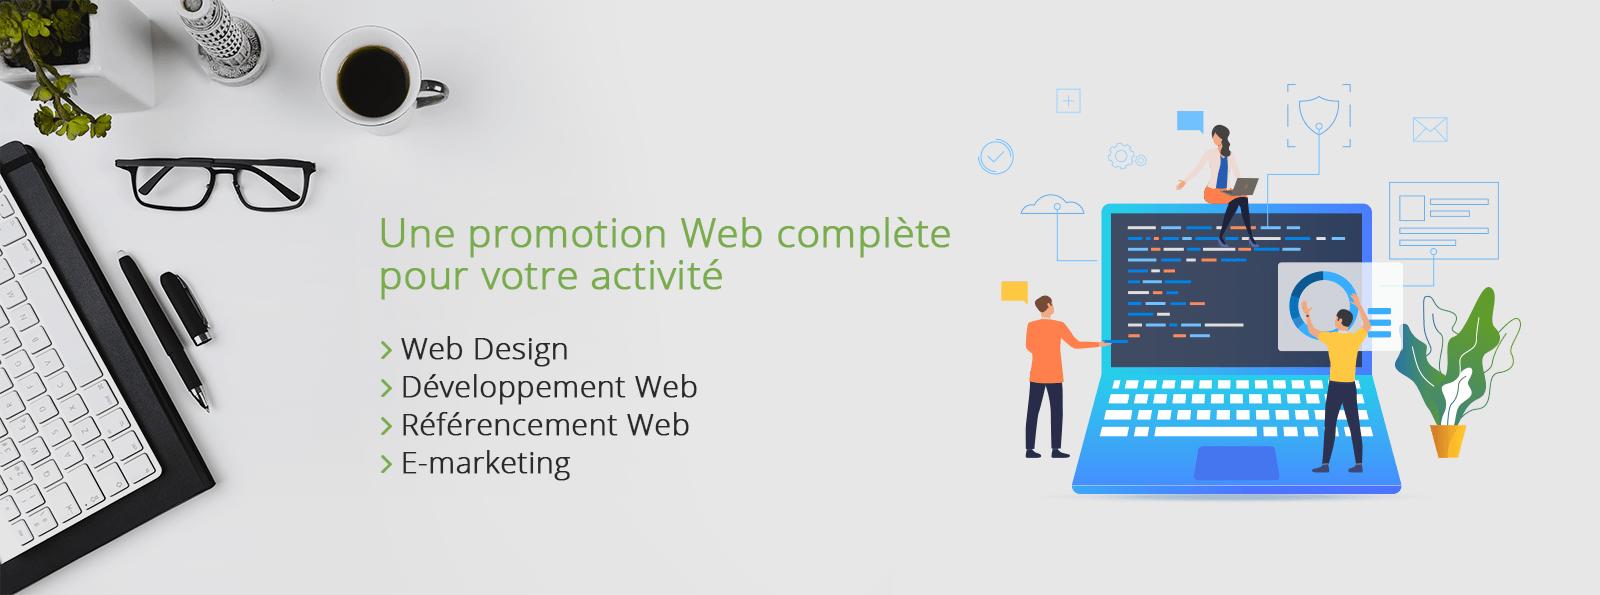 afoulki digital marketing création sites web maroc